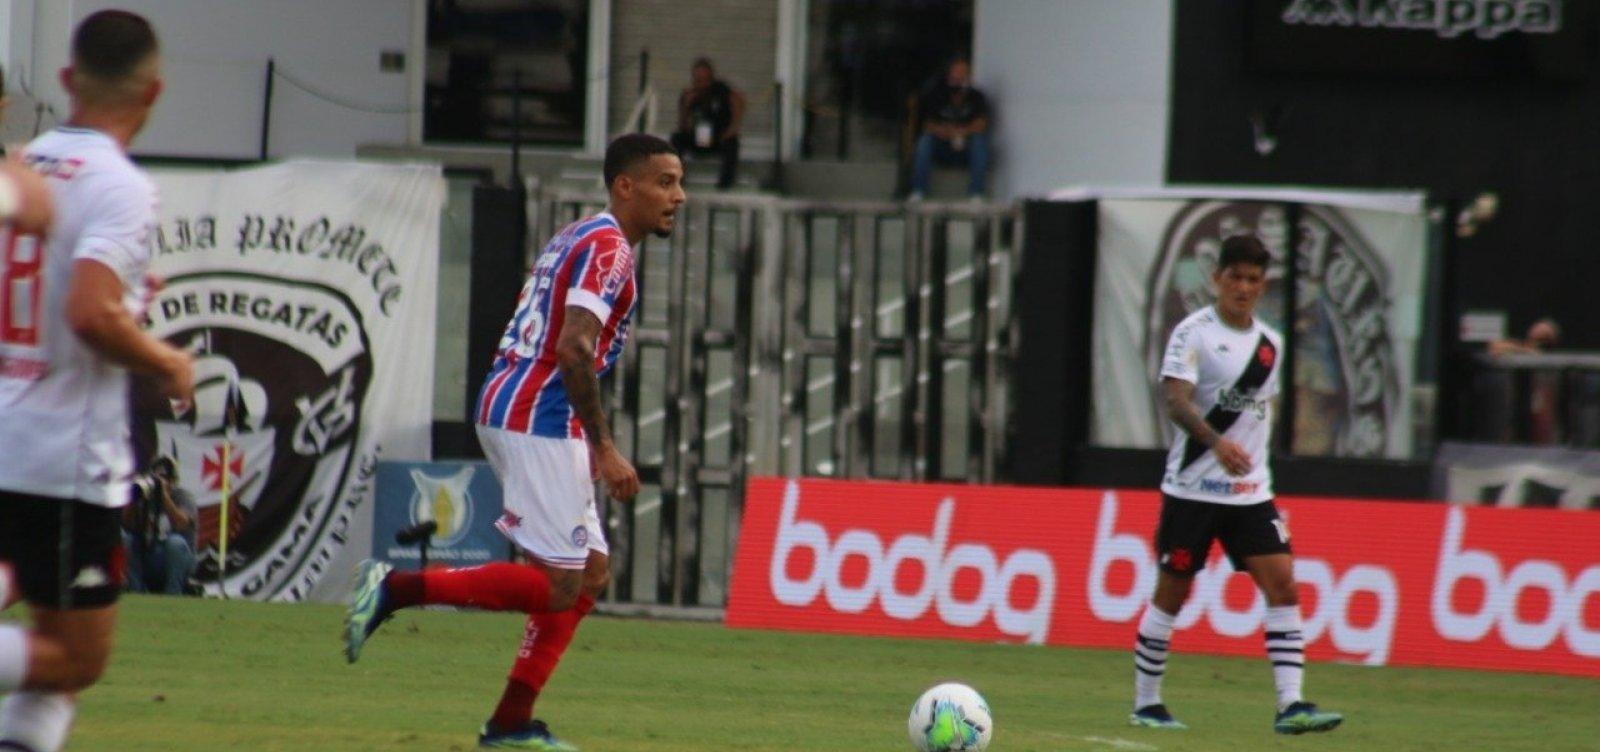 Bahia e Vasco empatam sem gols pela Série A